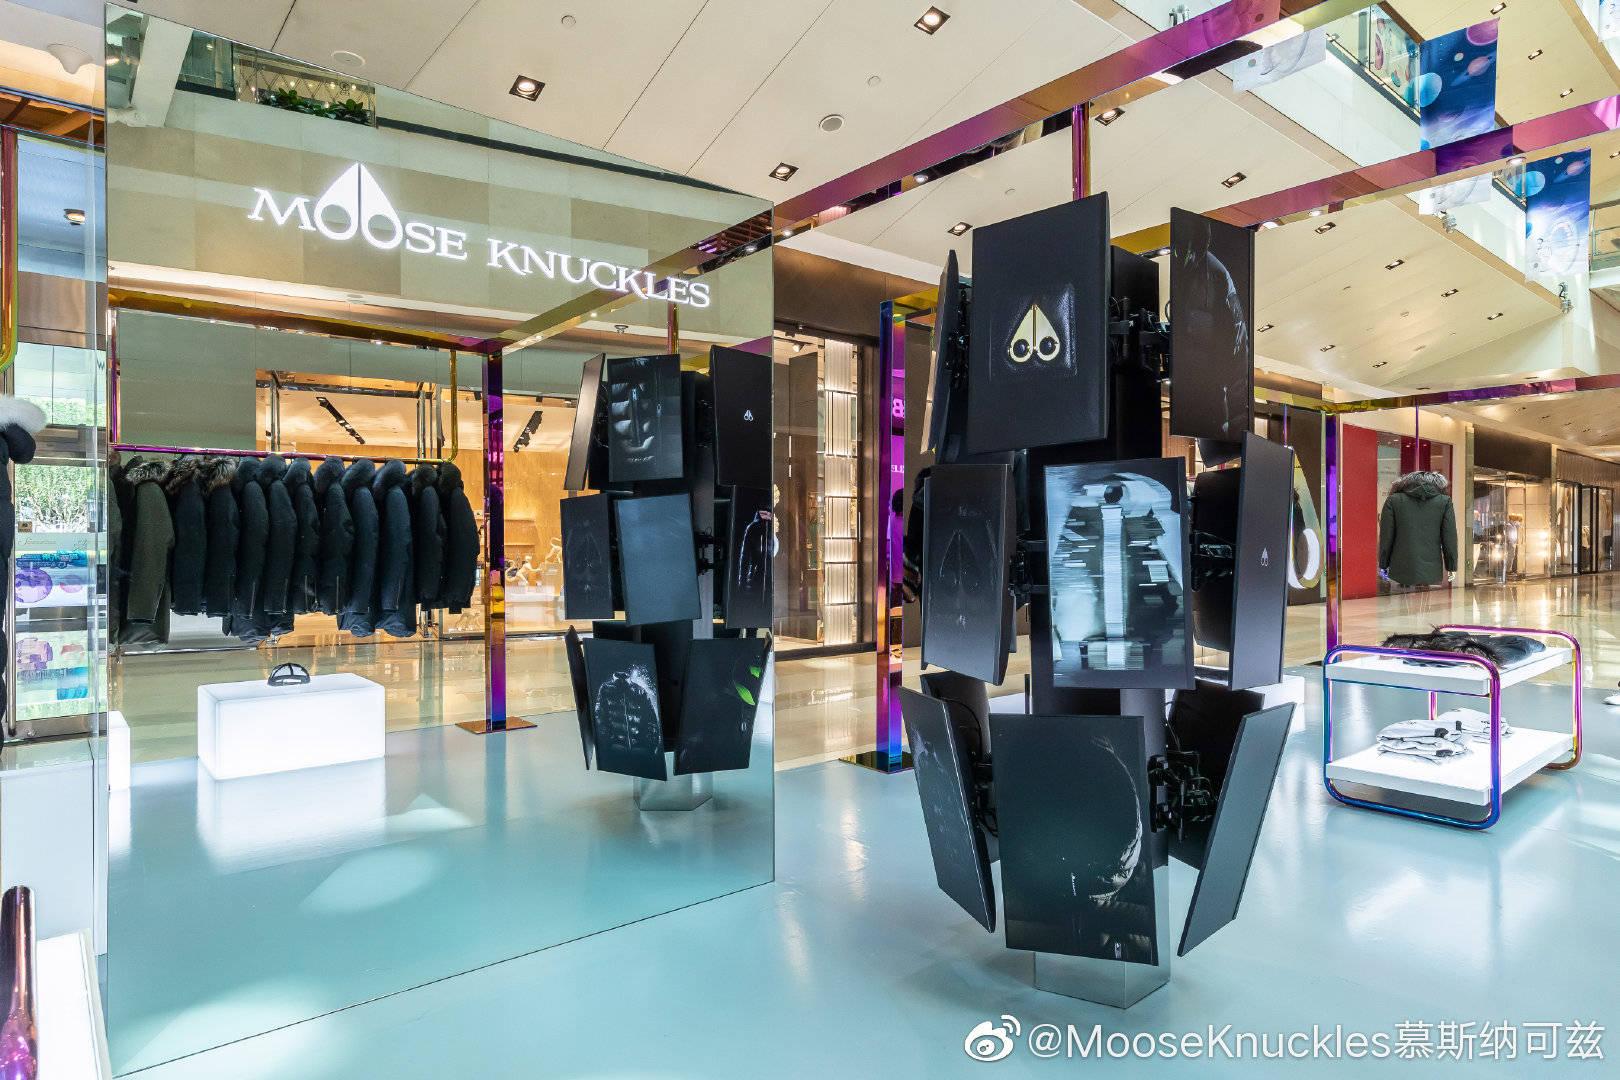 Moose Knuckles Pop Up Sep 12th – Feb 28th Beijing /Hangzhou – 4